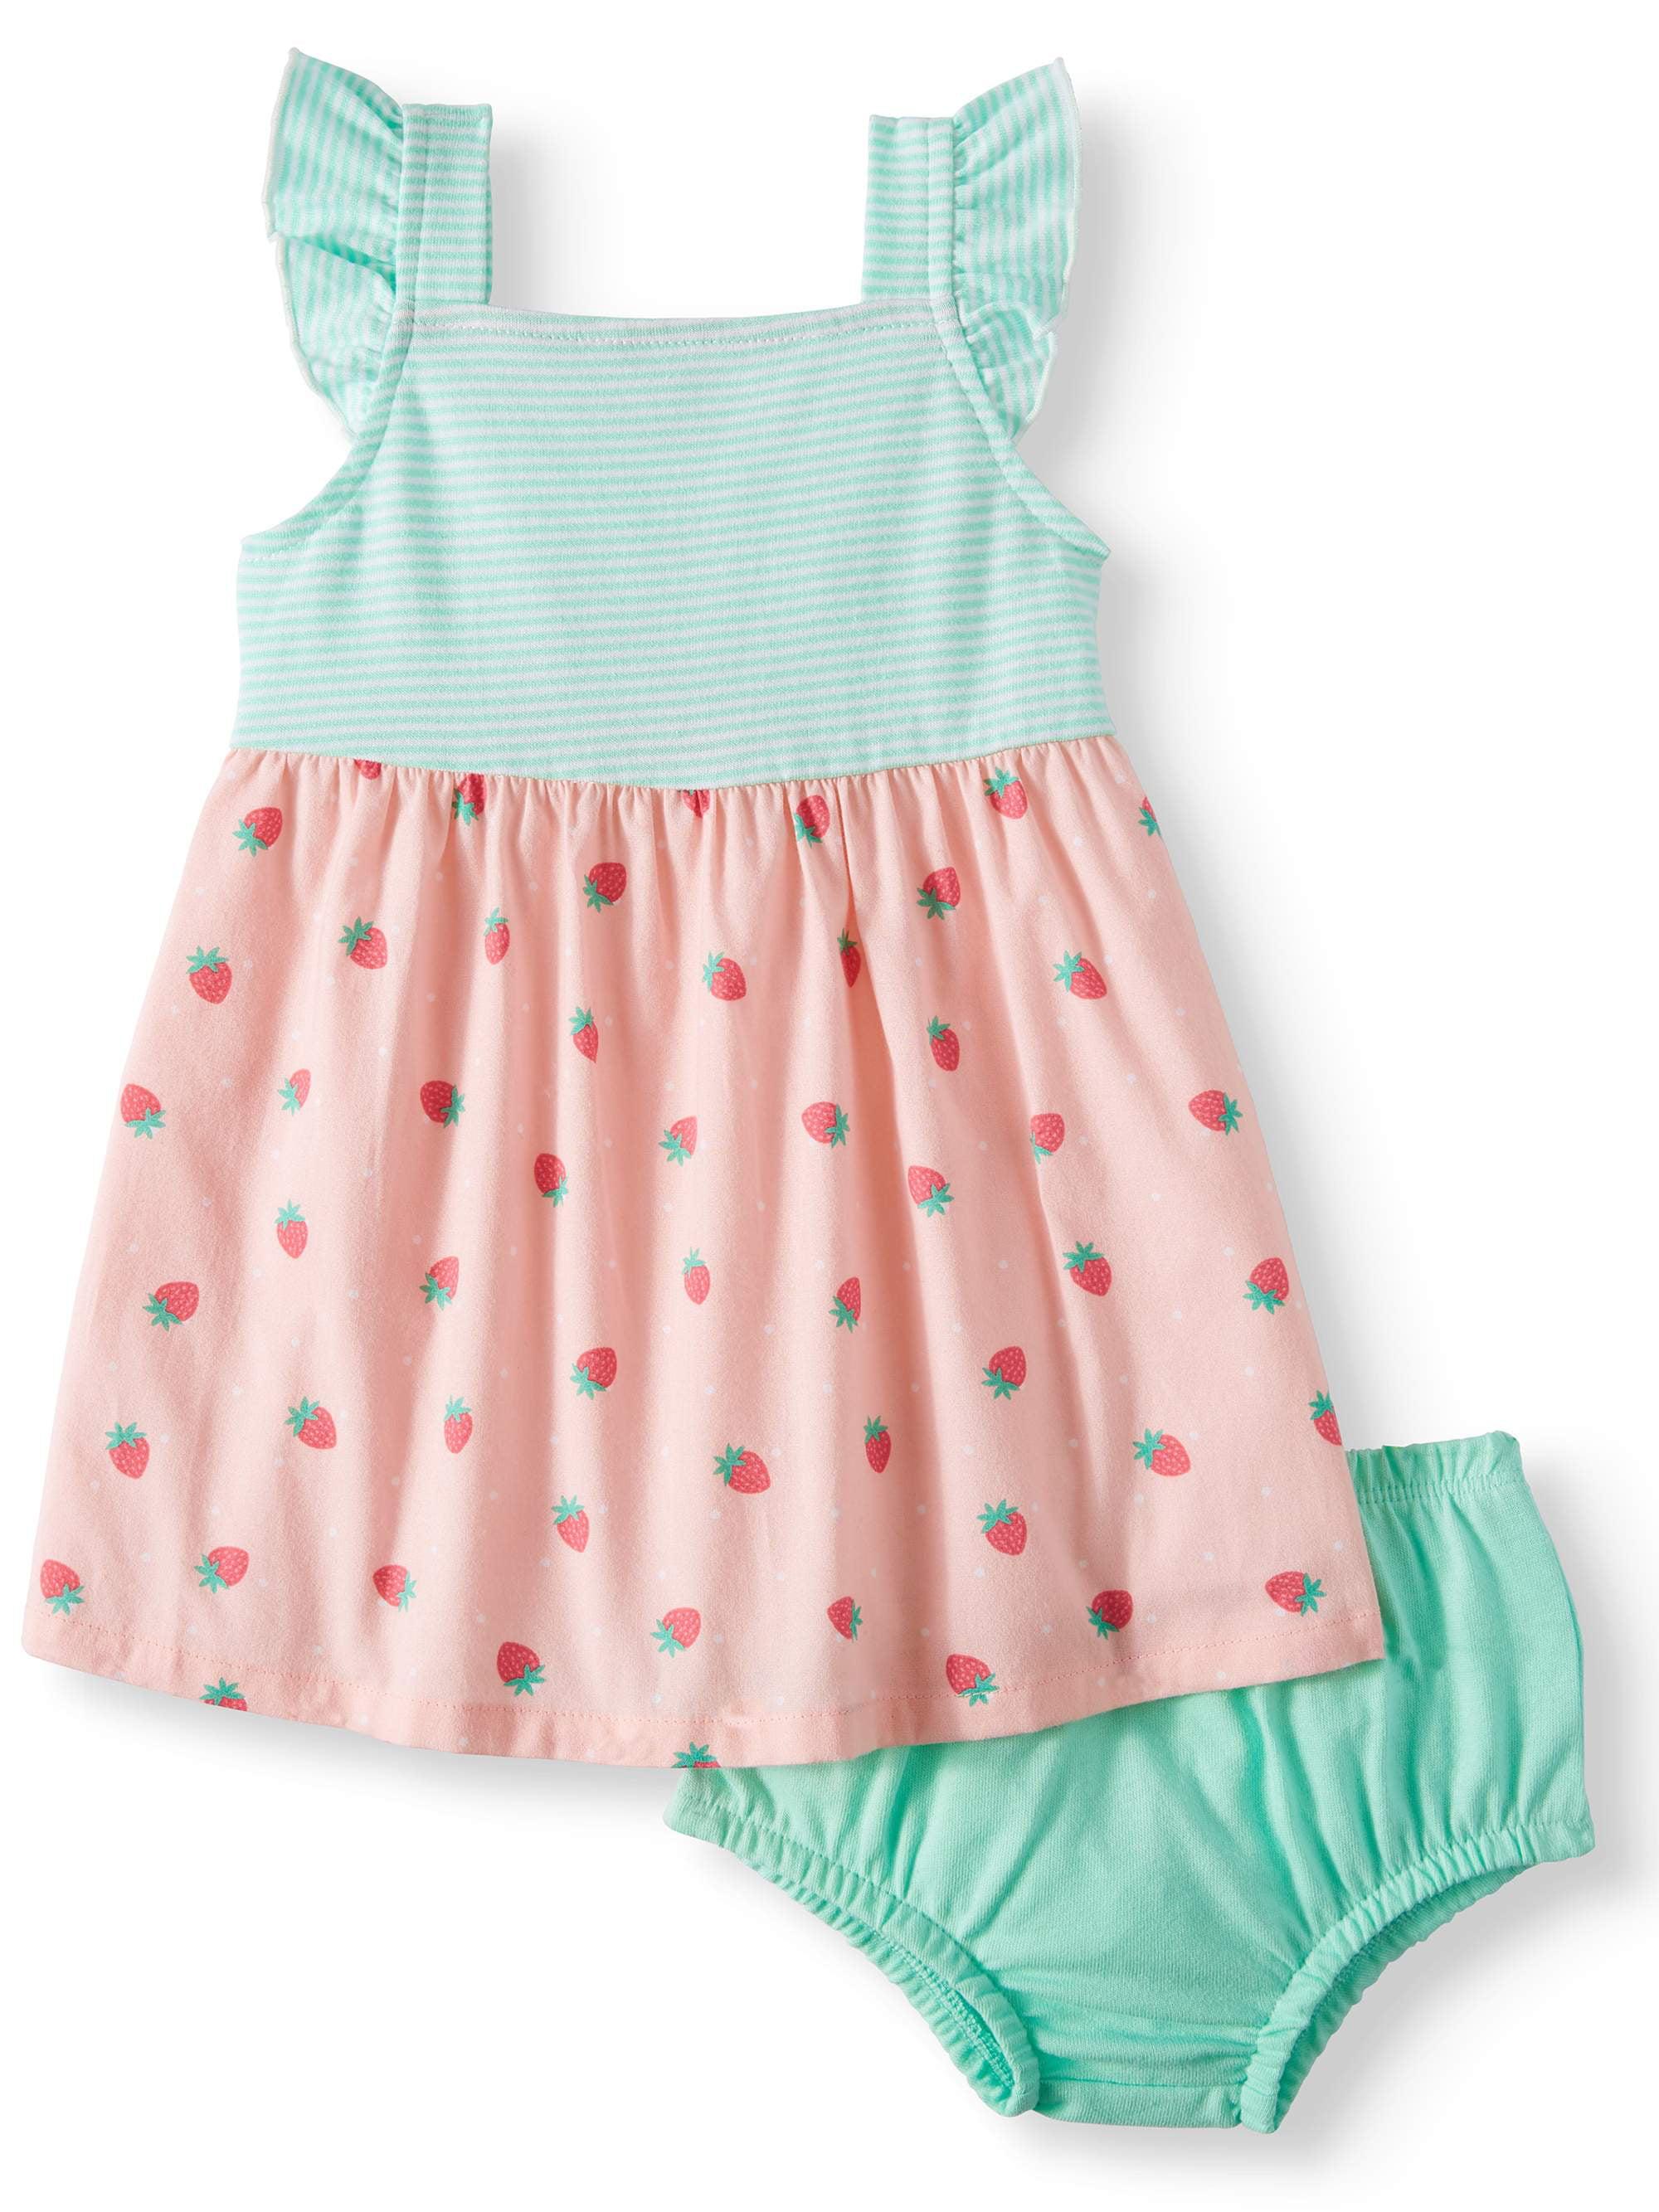 Sleeveless Cross-back Woven Dress & Diaper Cover, 2pc Set (Baby Girls)